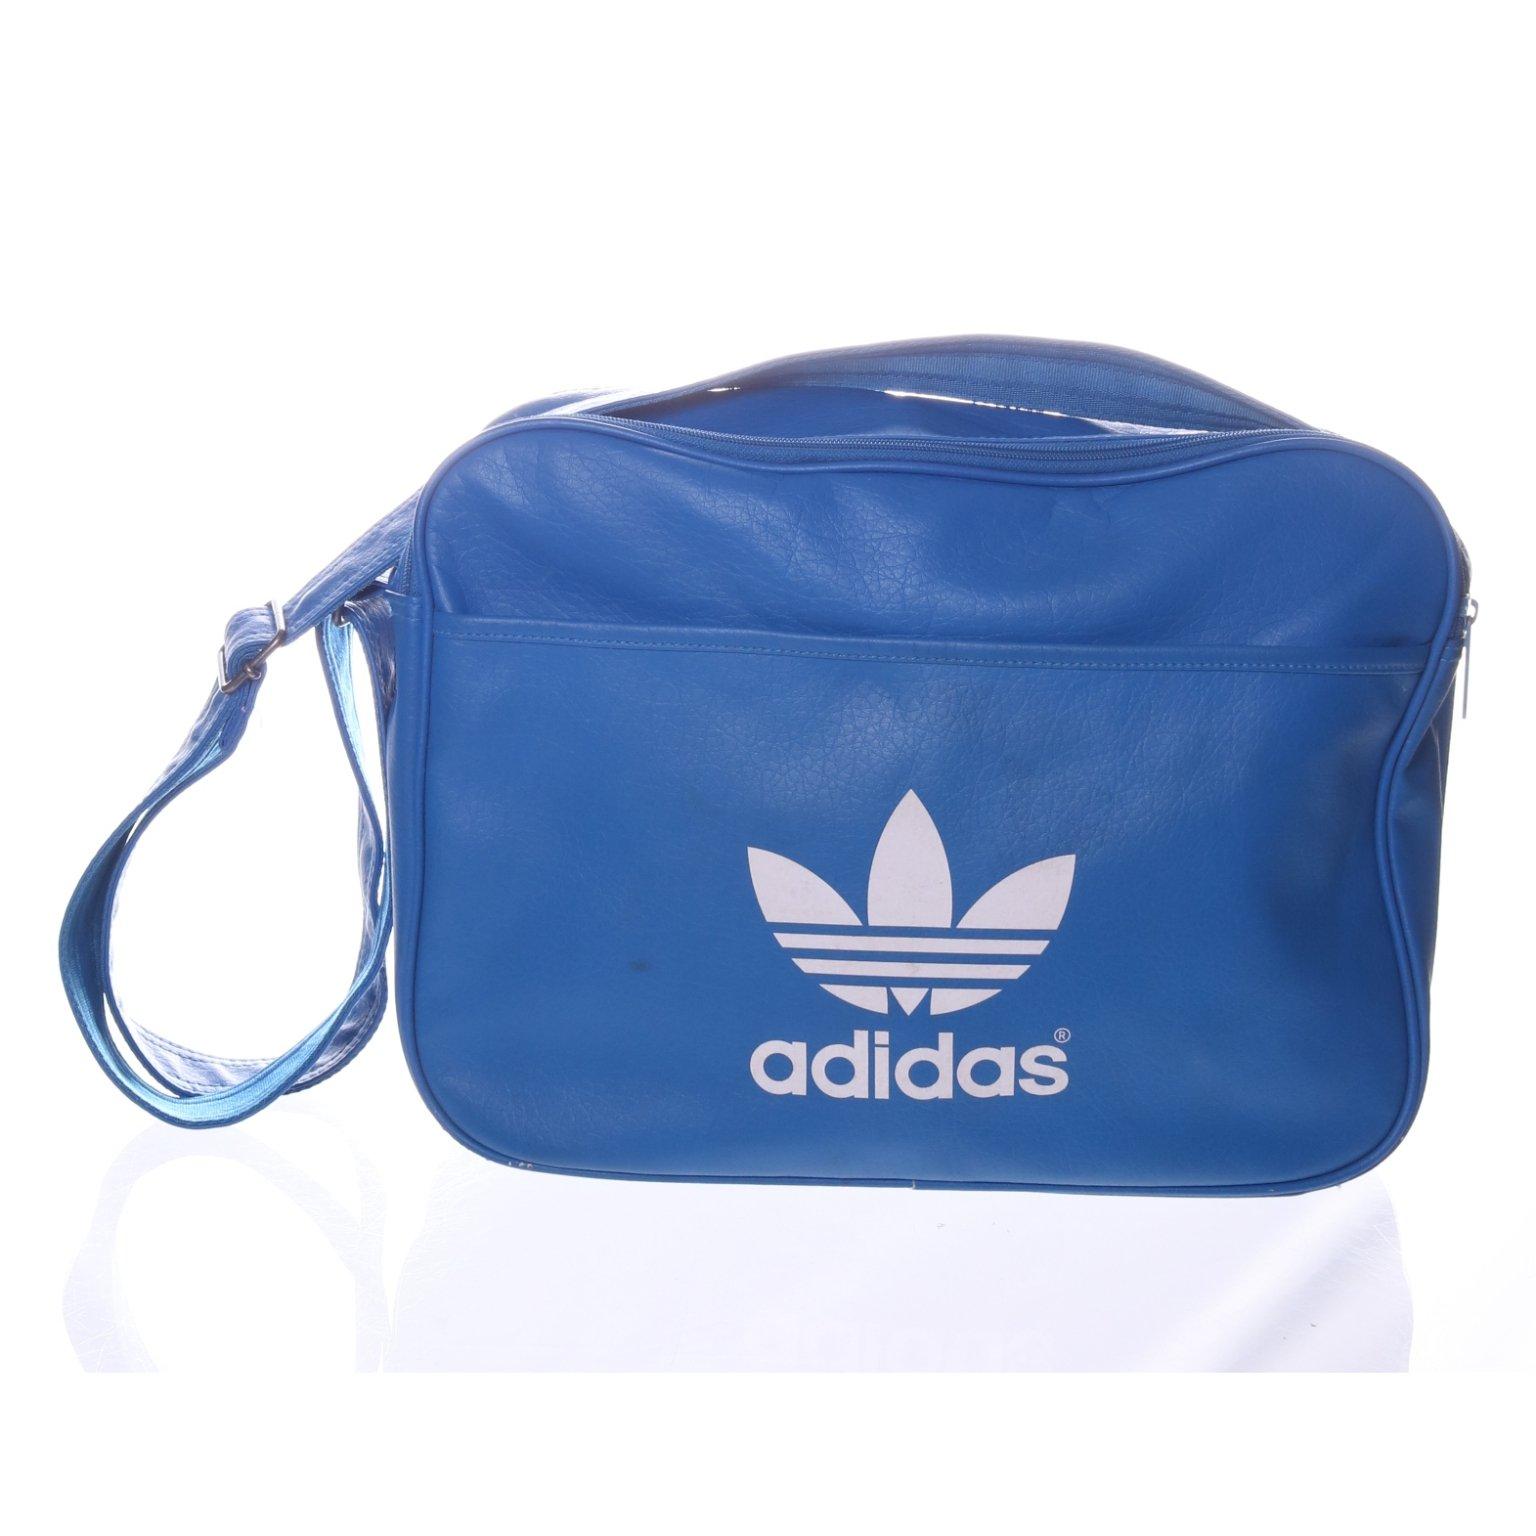 Blå Axelremsväska Adidas Blå Adidas Axelremsväska Adidas